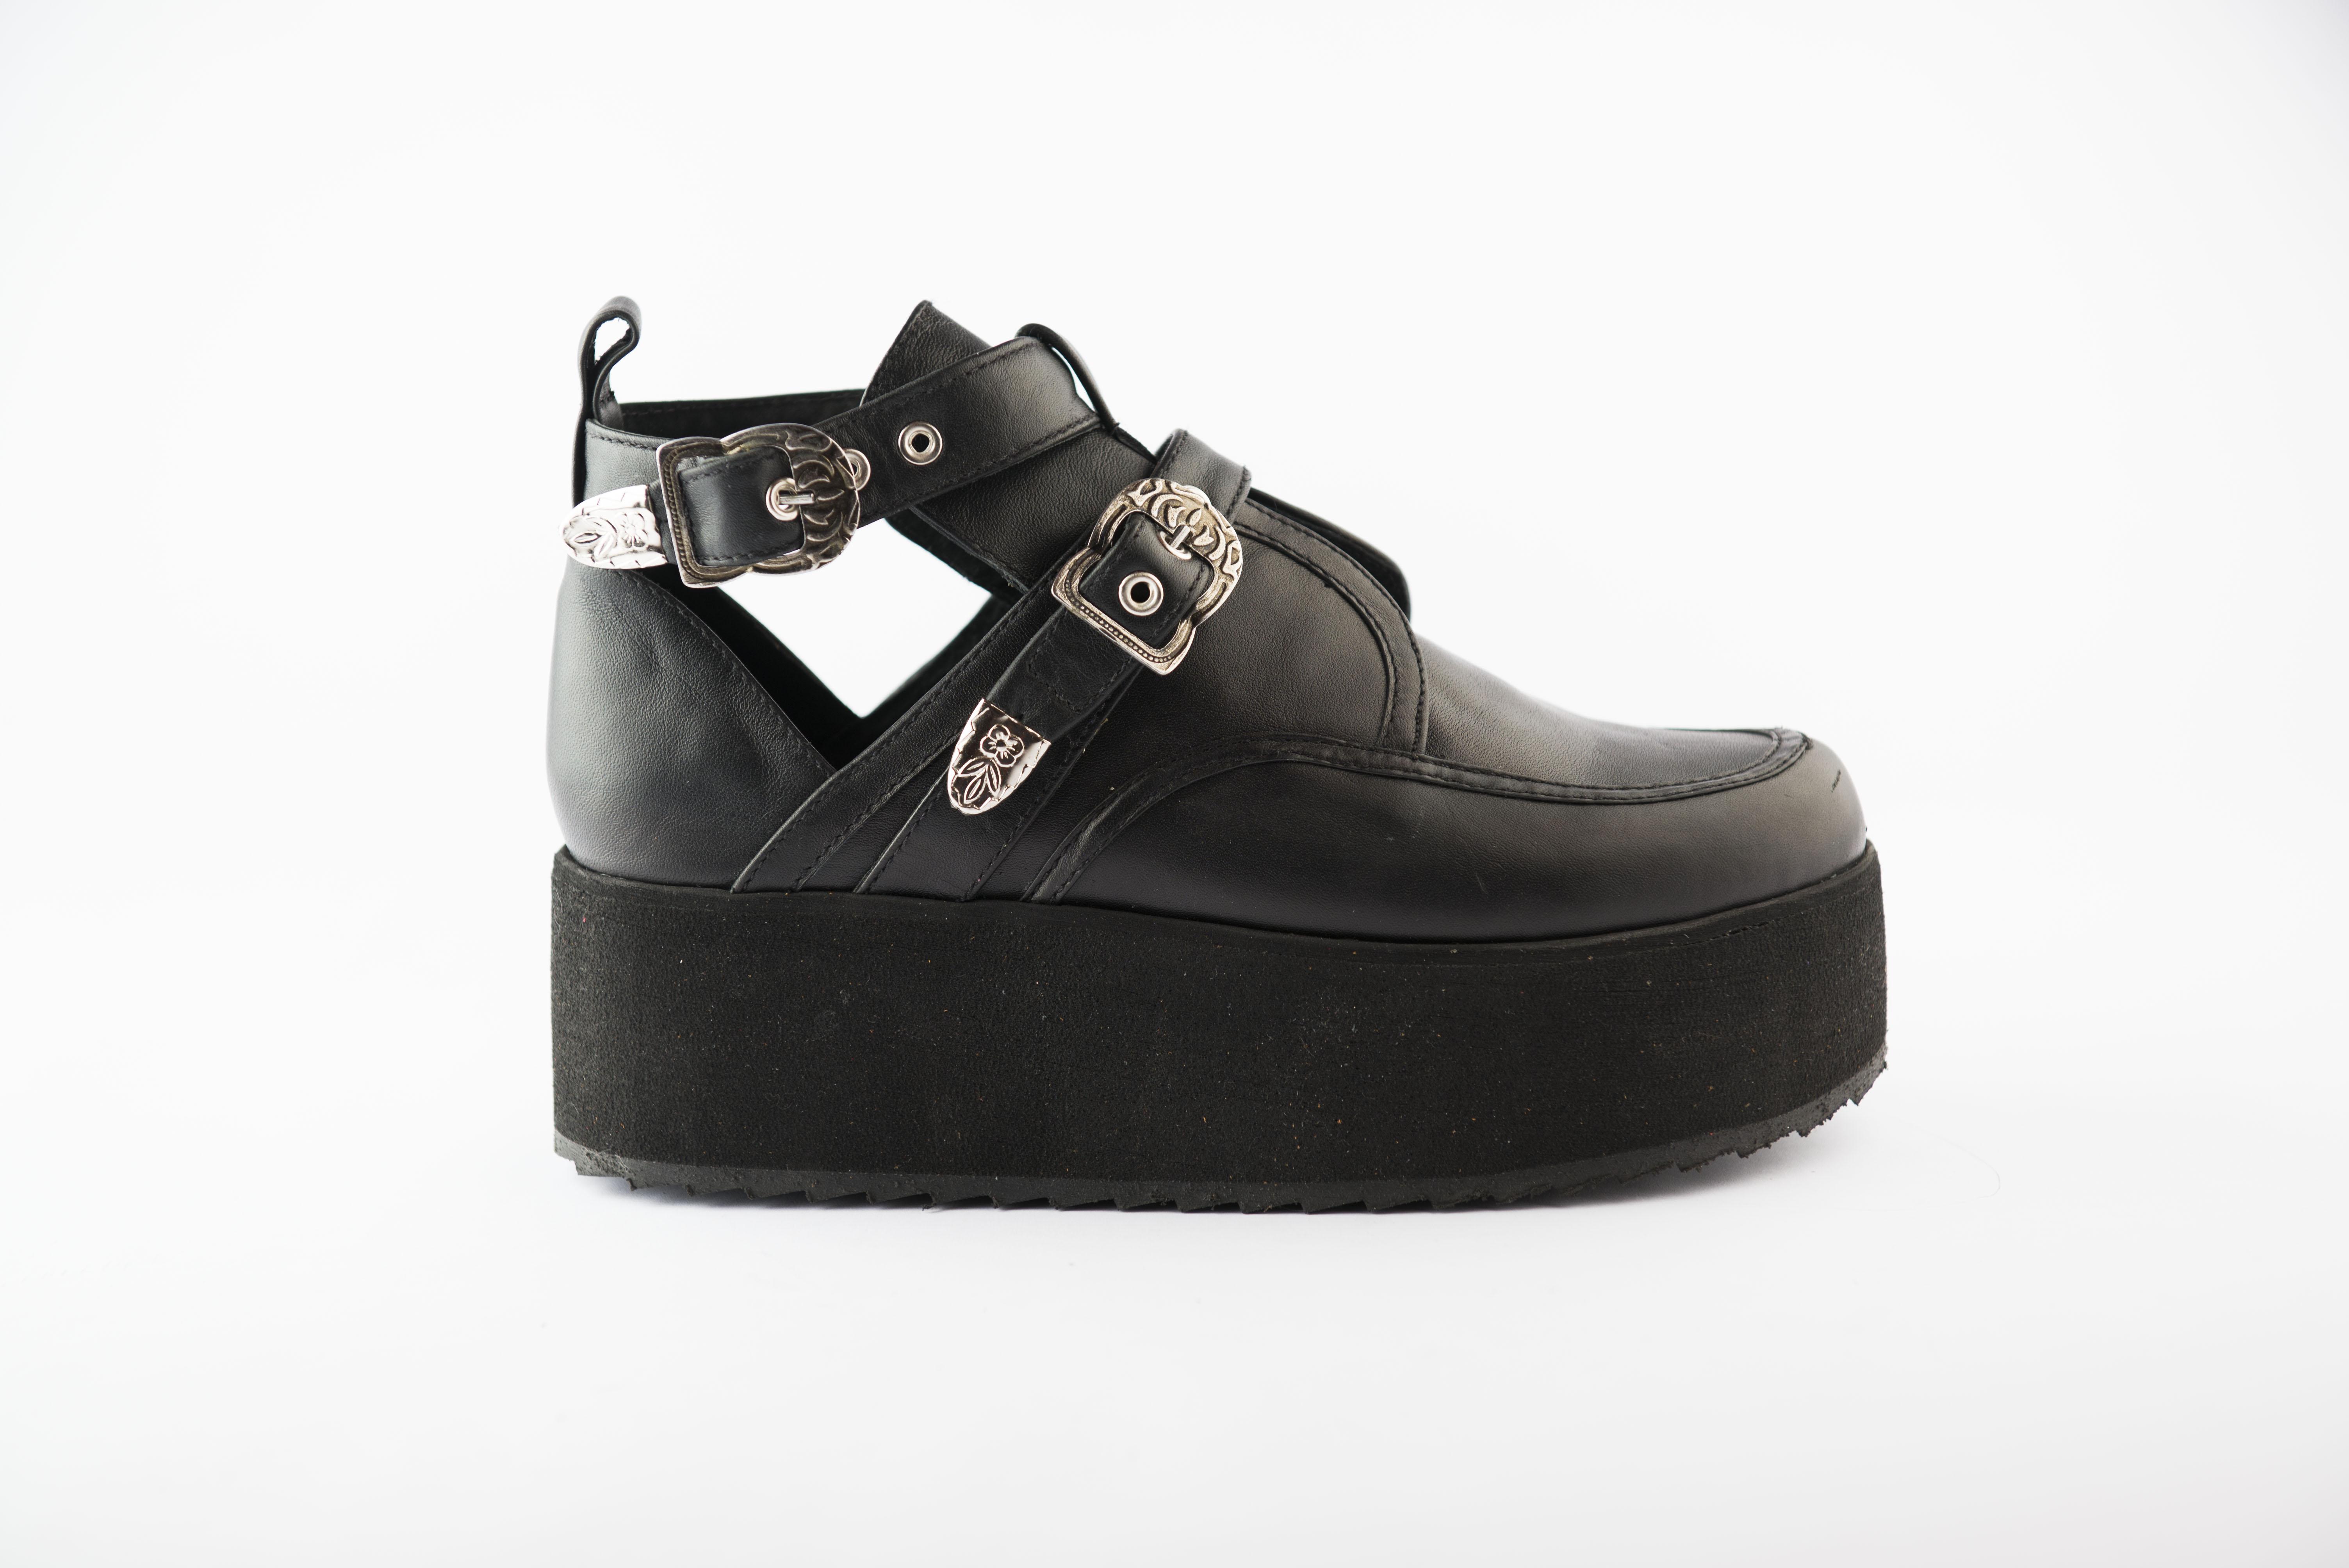 Zapatos Aurora Conejero: Otoño-invierno 2013